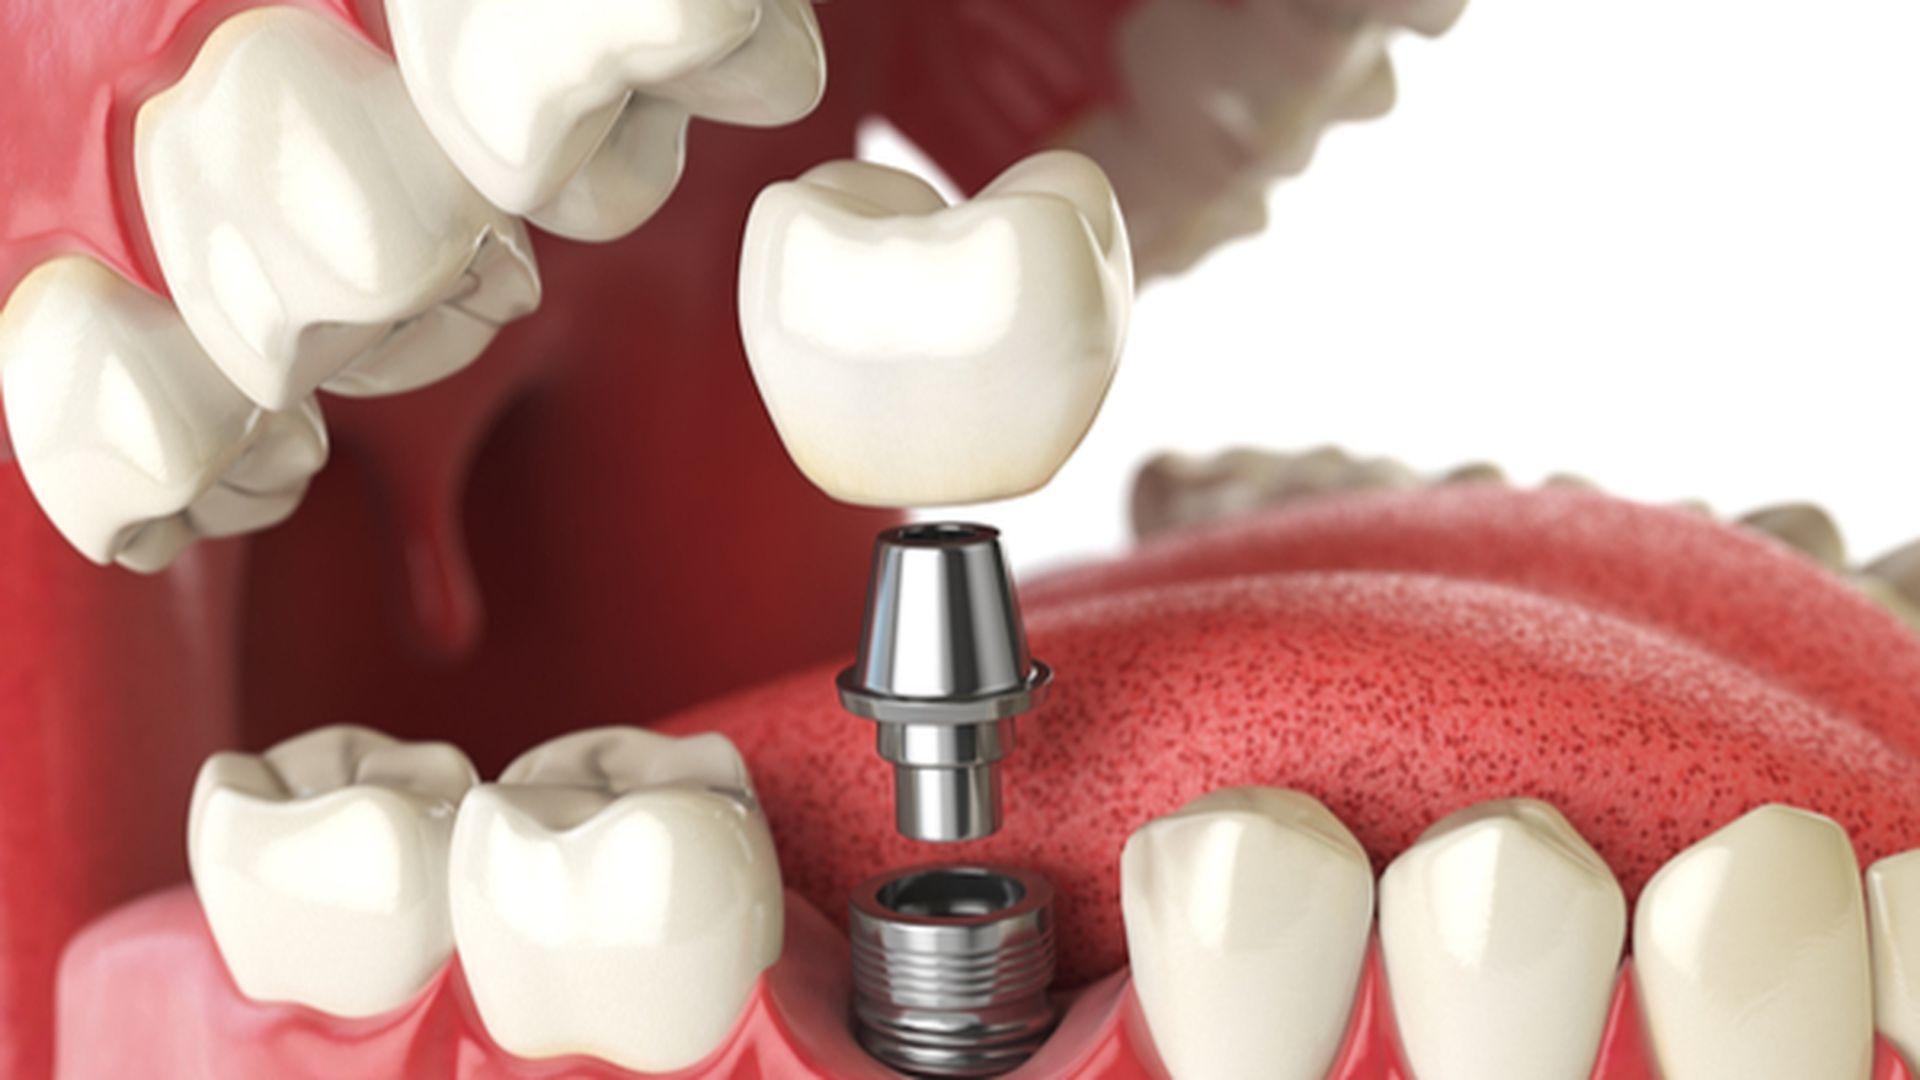 DentalImplantsinErbSt. - Erbsville Dental - Waterloo Dentist